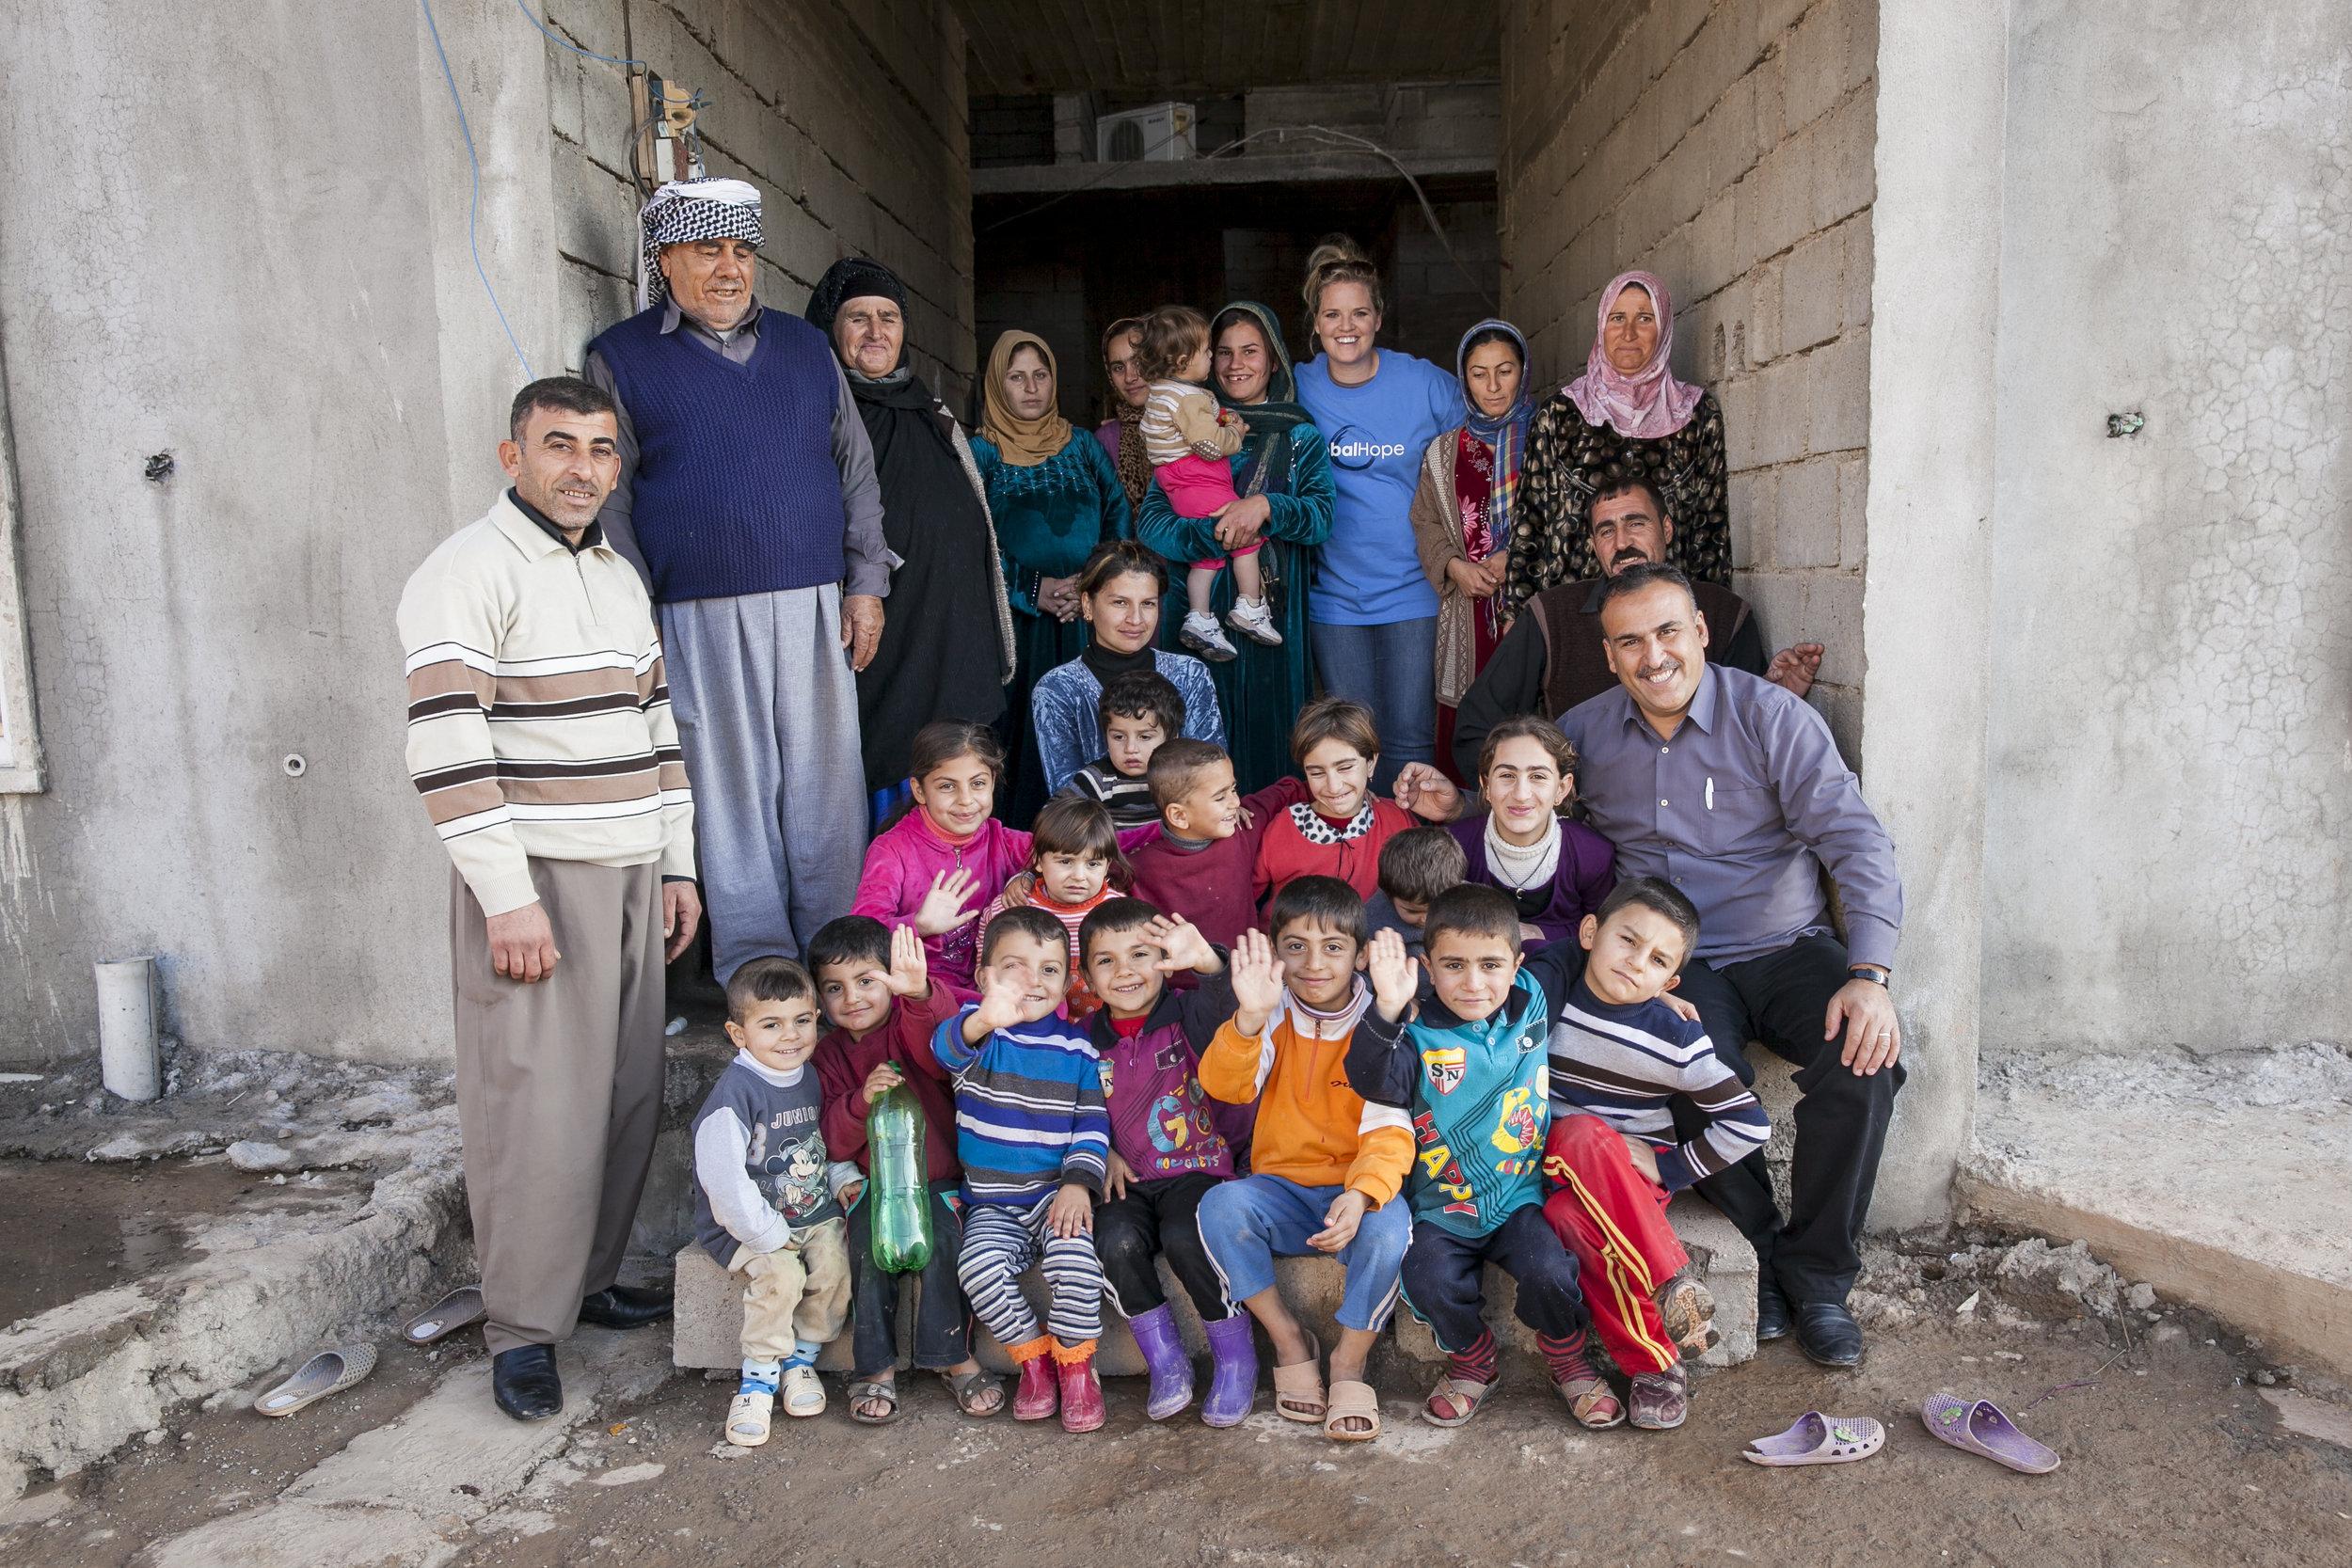 20141205_Refugee_GH_0425.jpg